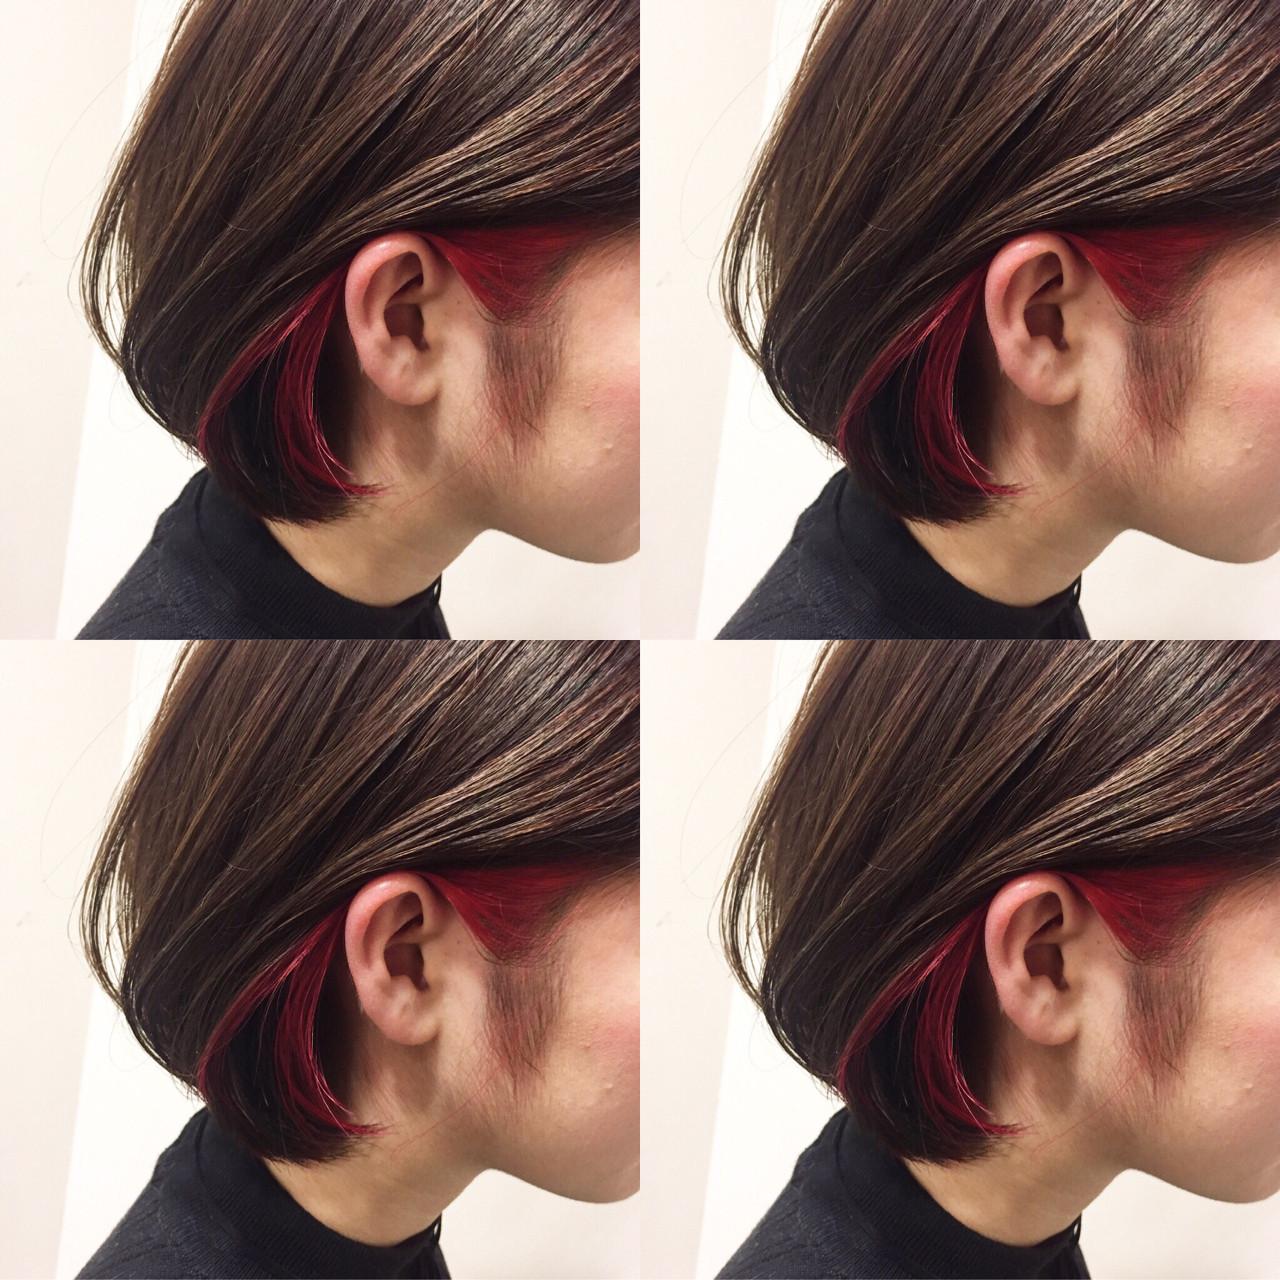 耳周りにアクセントカラー インナーカラー